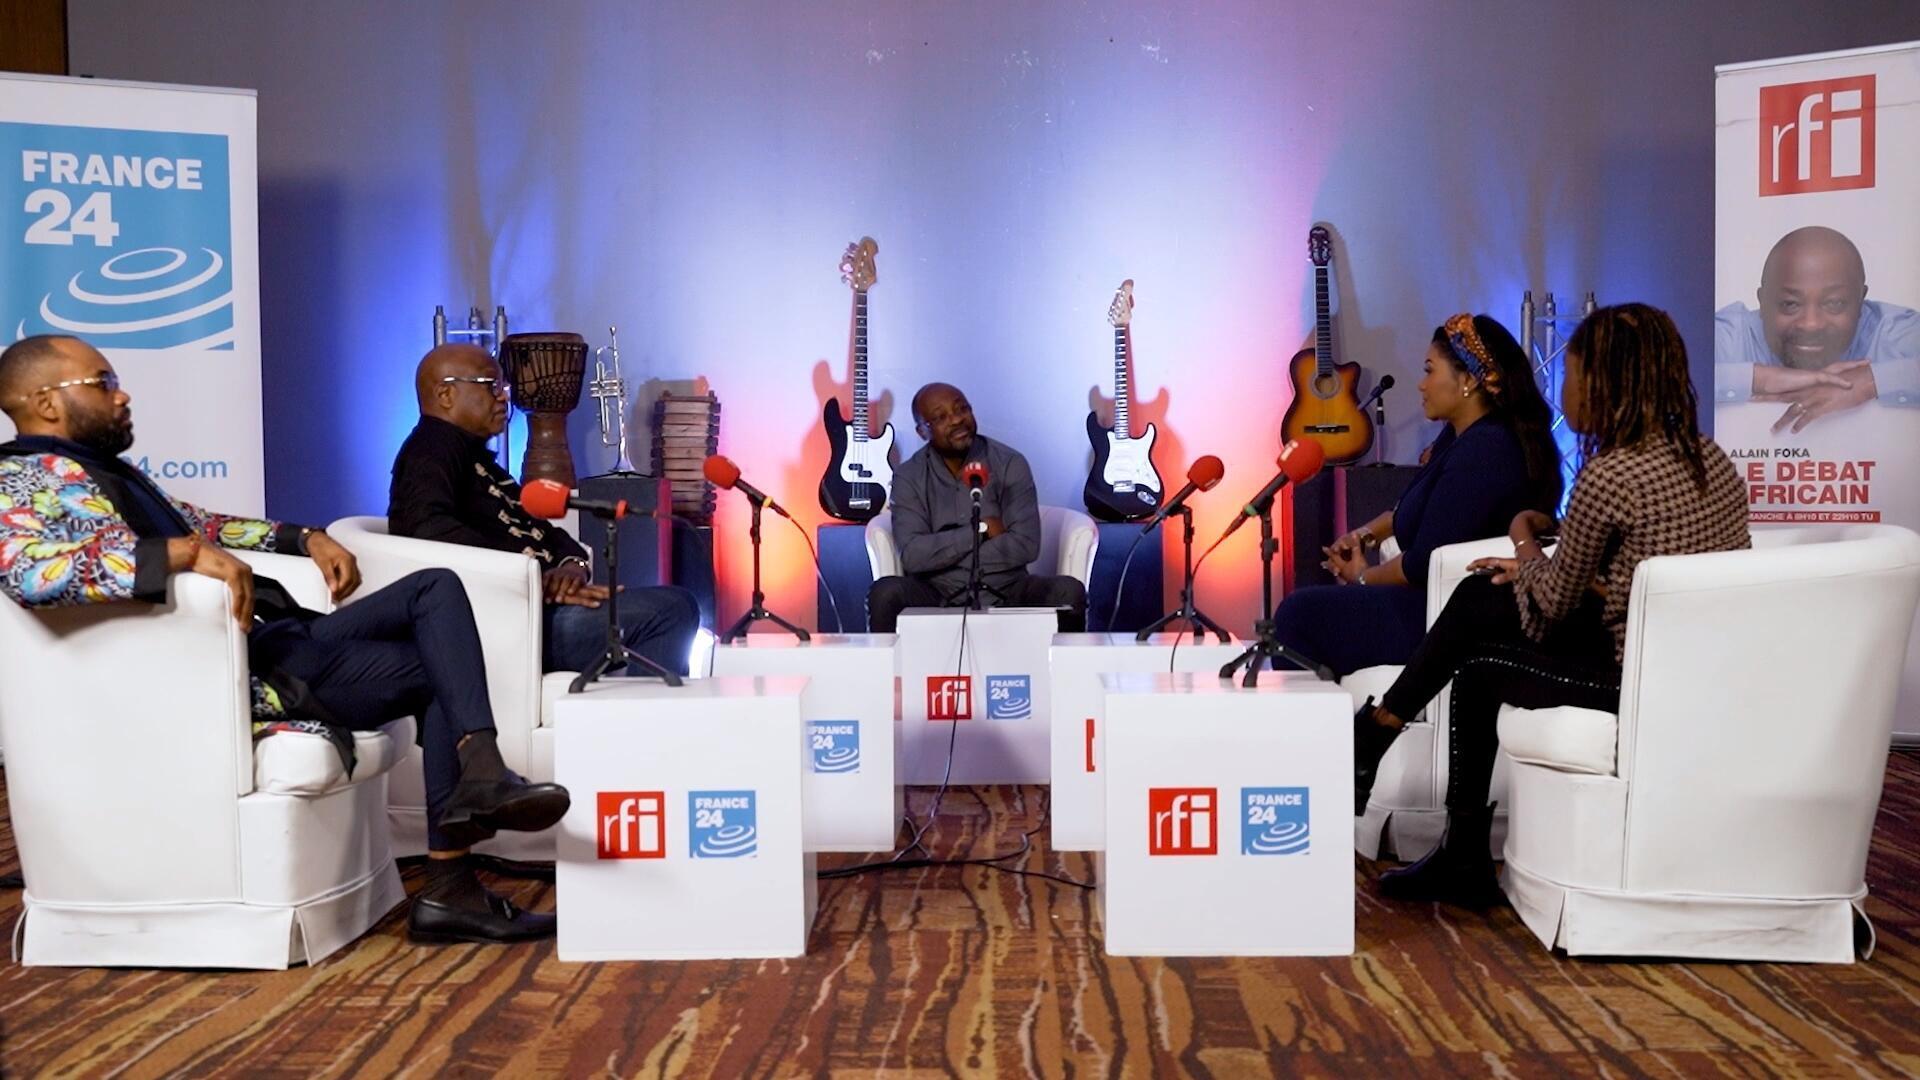 Le débat Africain sur France 24 et RFI